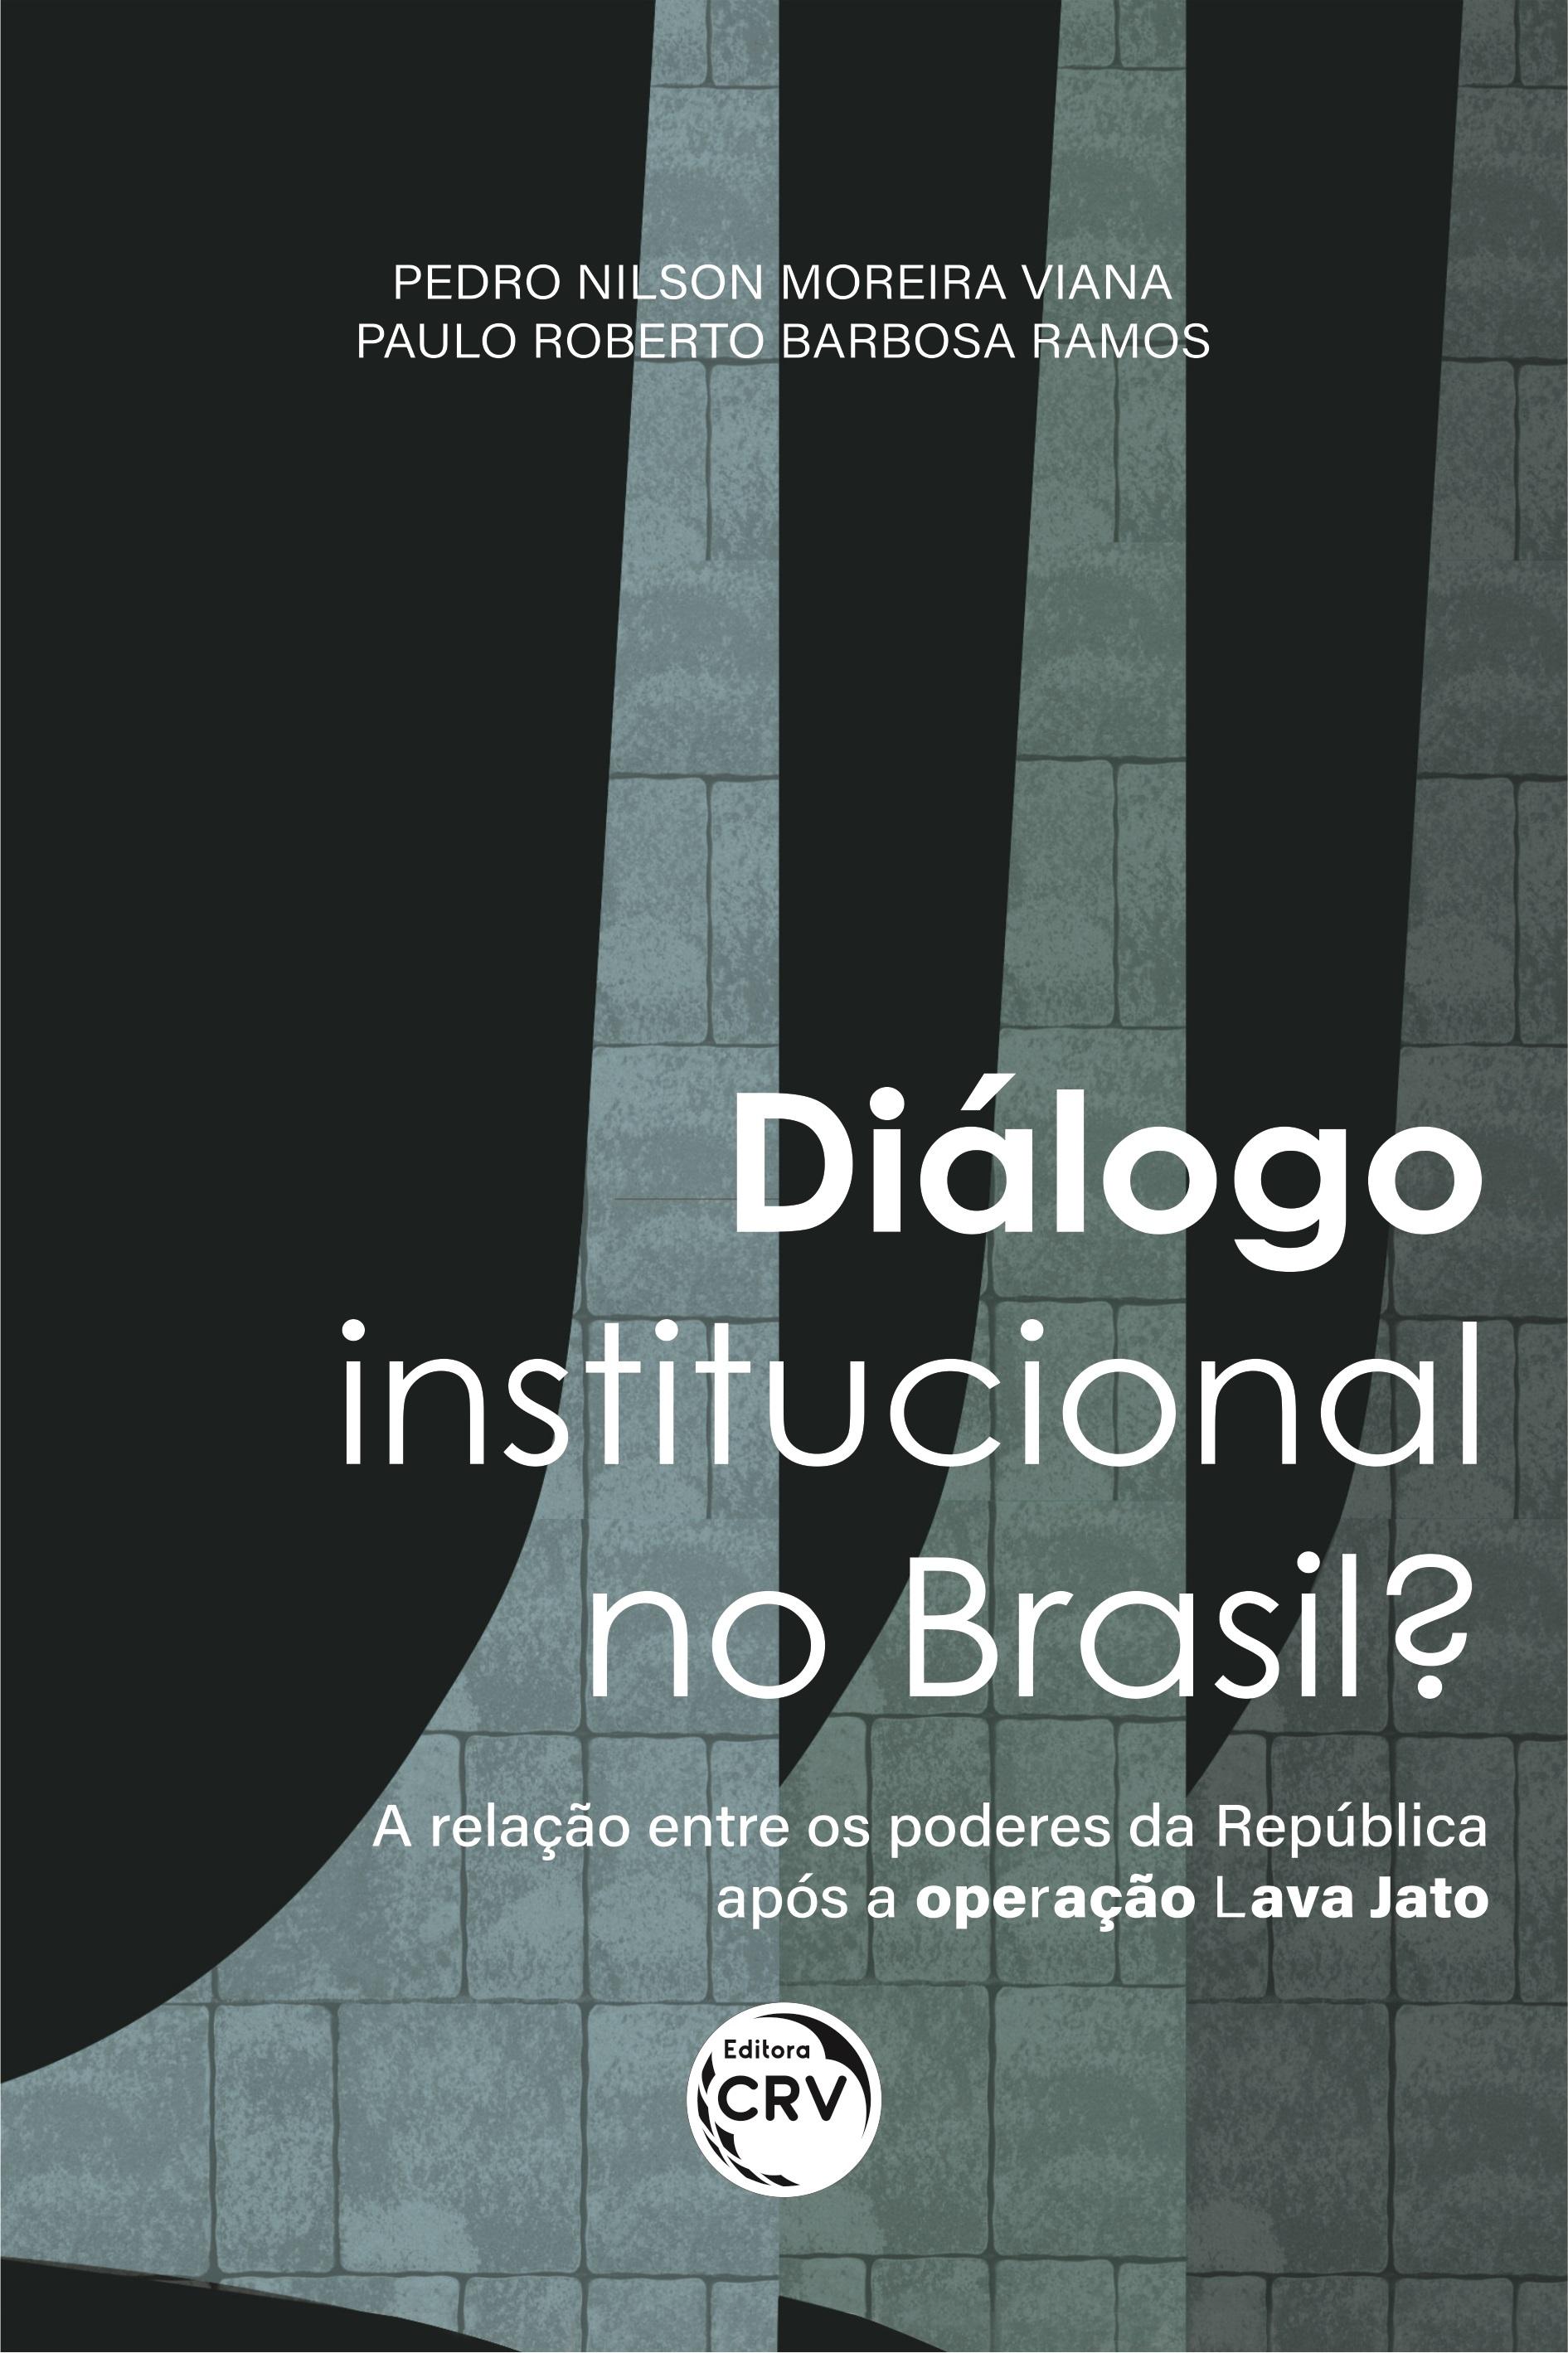 Capa do livro: DIÁLOGO INSTITUCIONAL NO BRASIL? <br>A relação entre os poderes da República após a operação Lava Jato